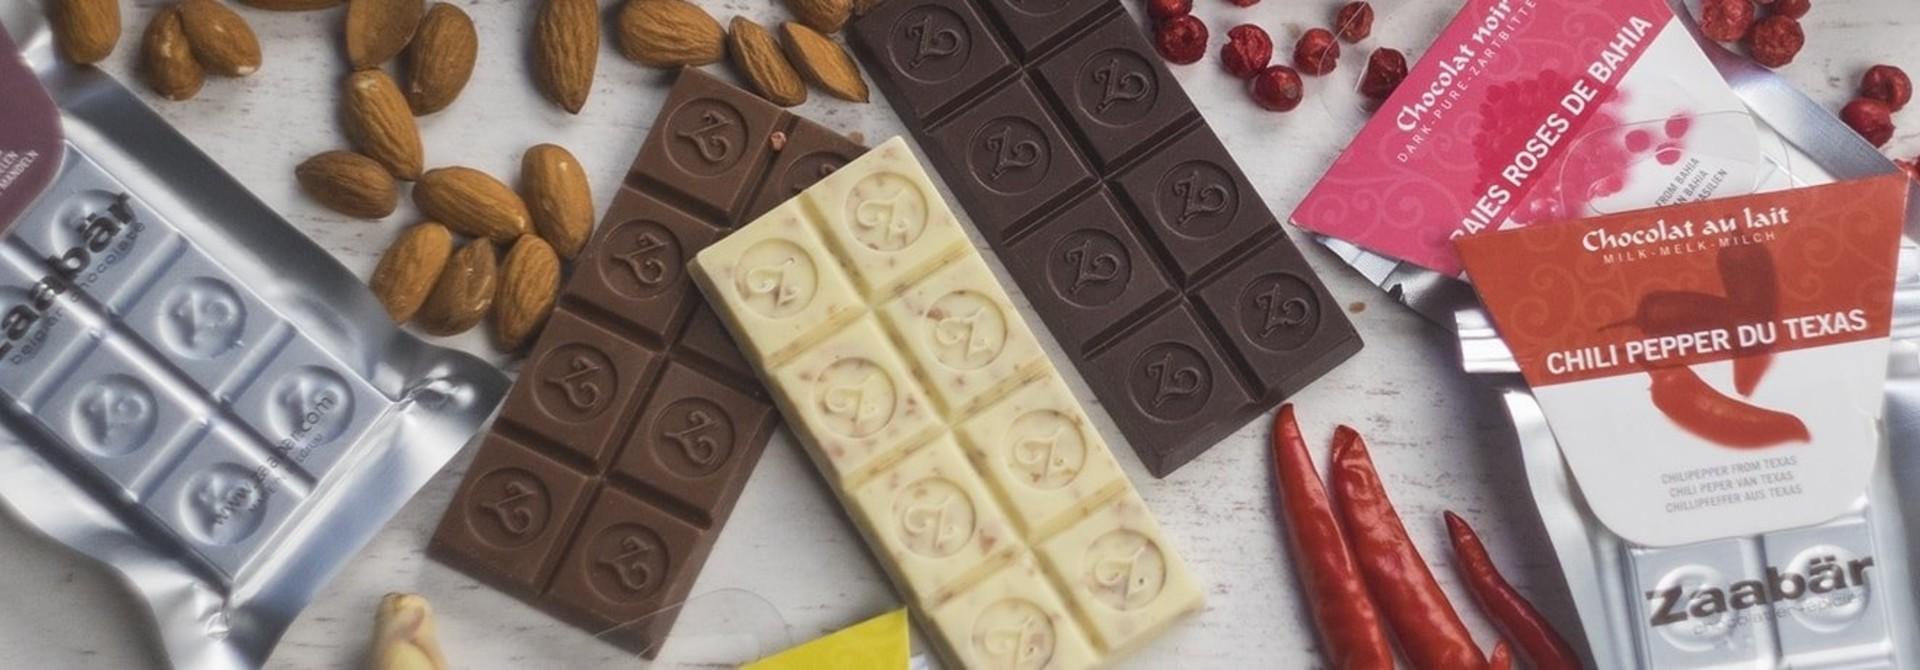 ZAABAR CHOCOLATES